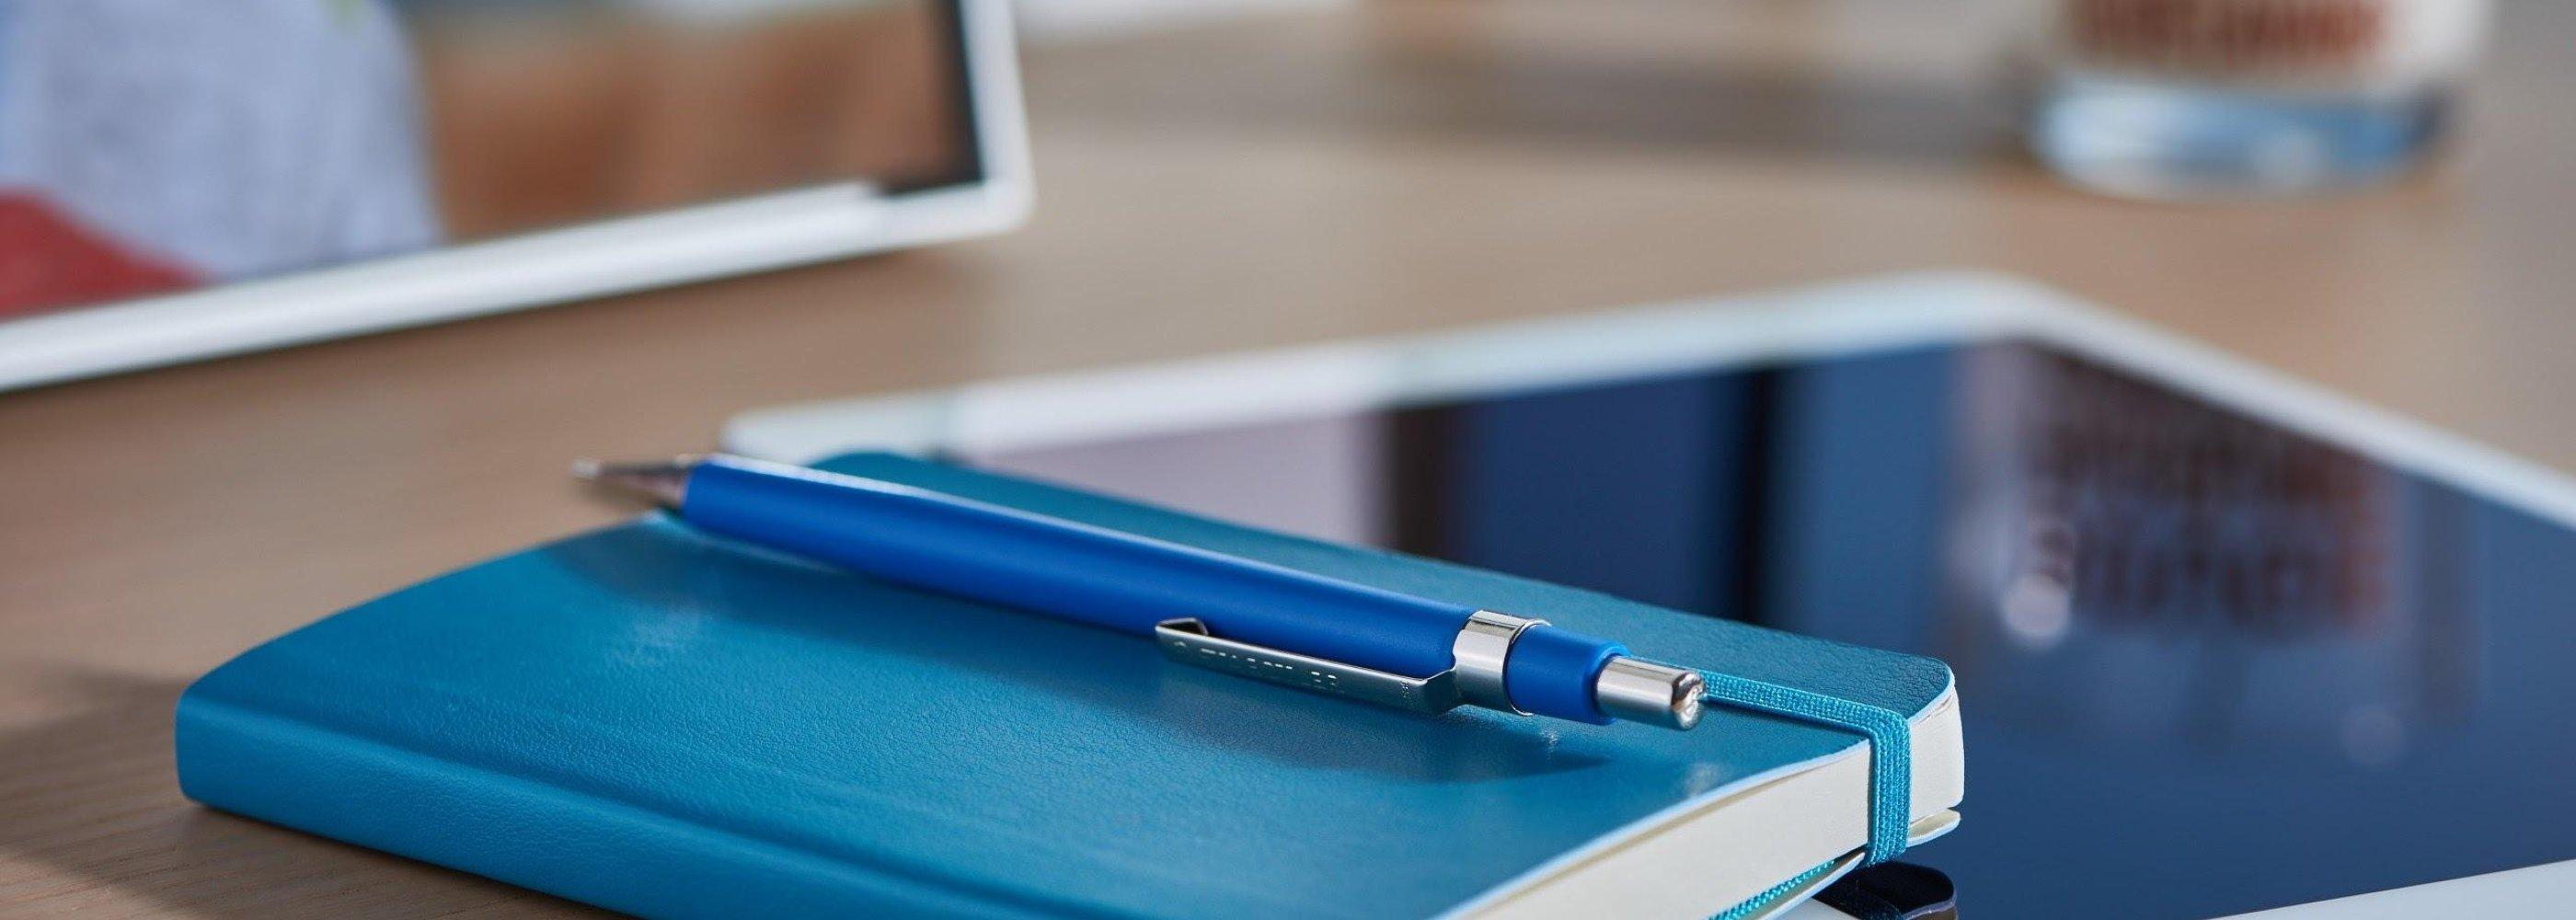 خودکار، کتاب، کامپیوتر روی یک میز